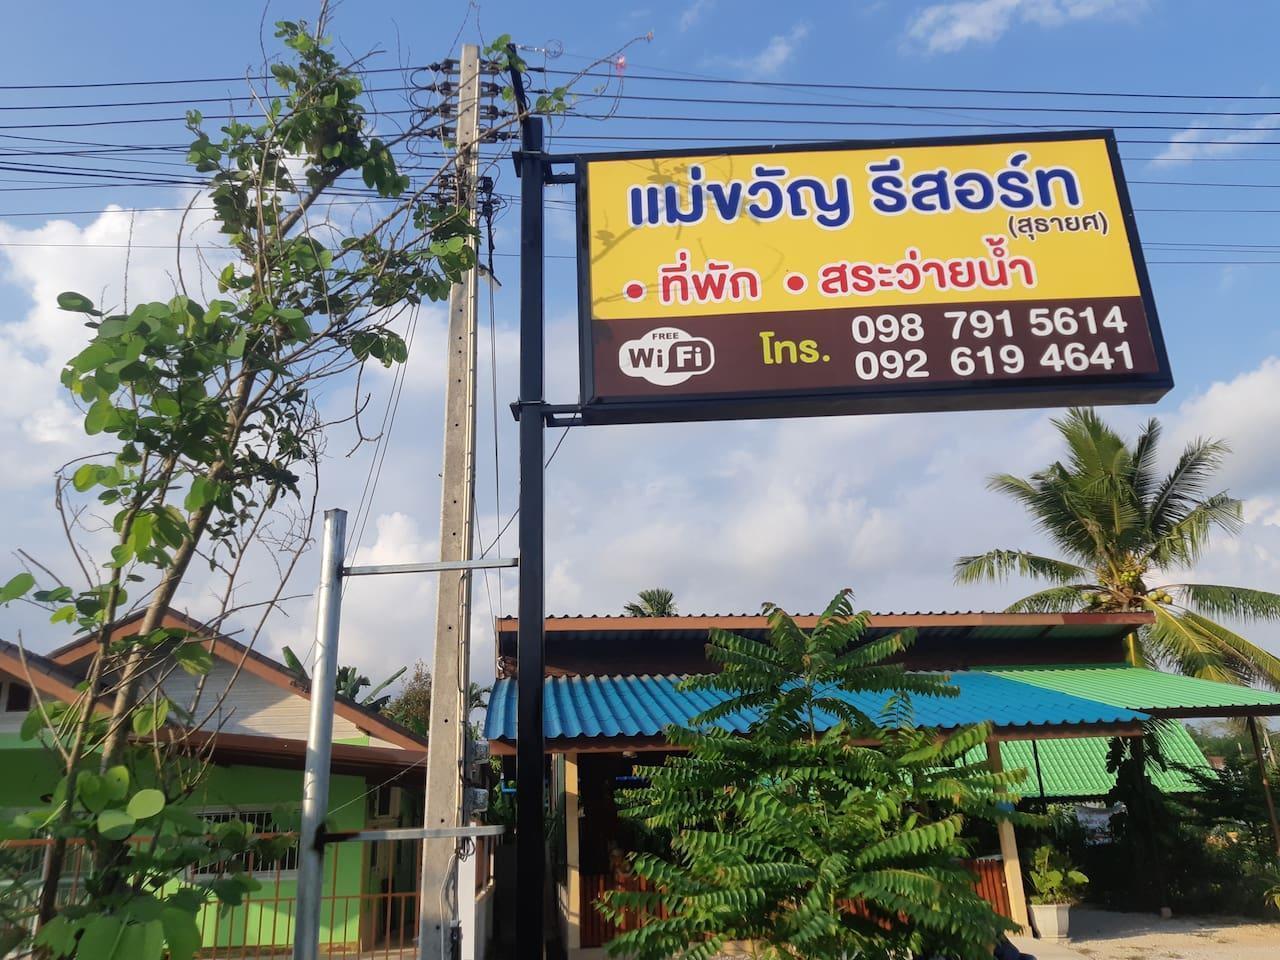 Mae Kwan Resort Rayong บังกะโล 1 ห้องนอน 1 ห้องน้ำส่วนตัว ขนาด 30 ตร.ม. – มาบตาพุด